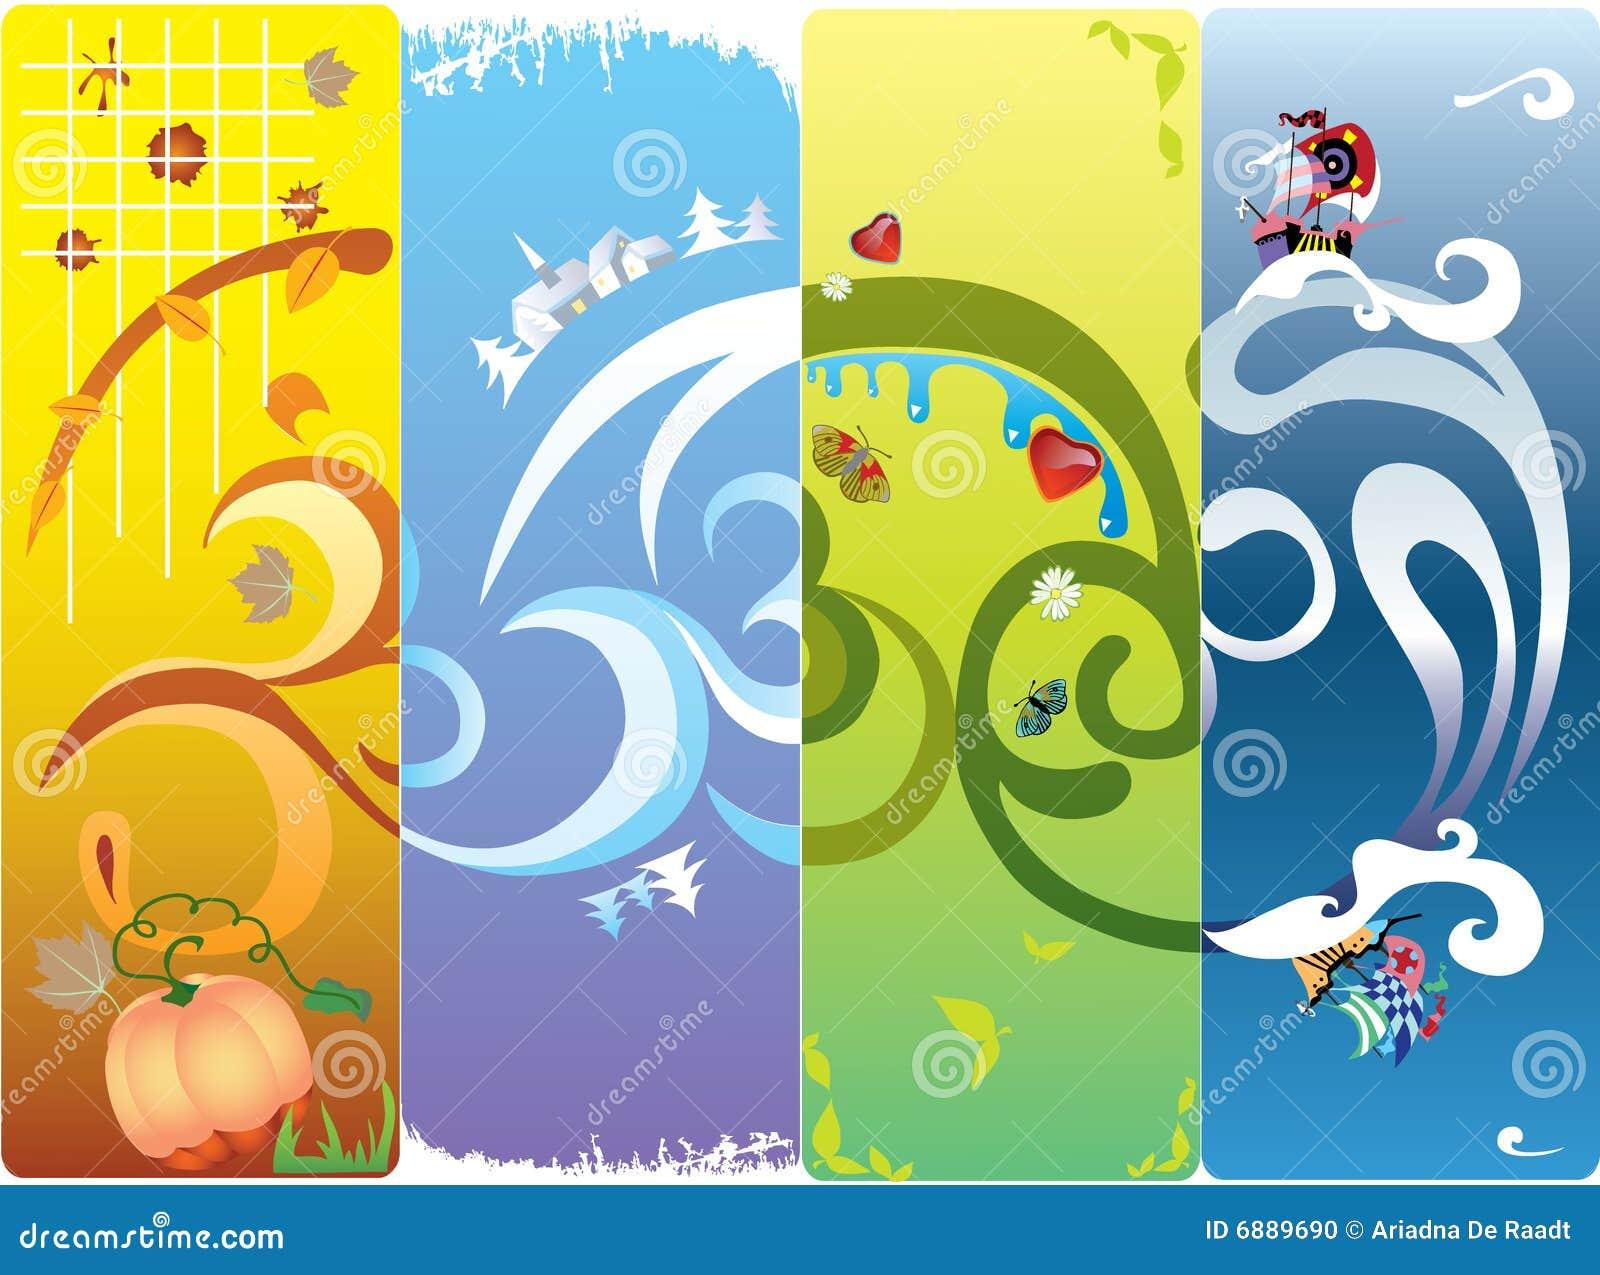 Calendar Time Clip Art : Calendar in clip art stock photo image